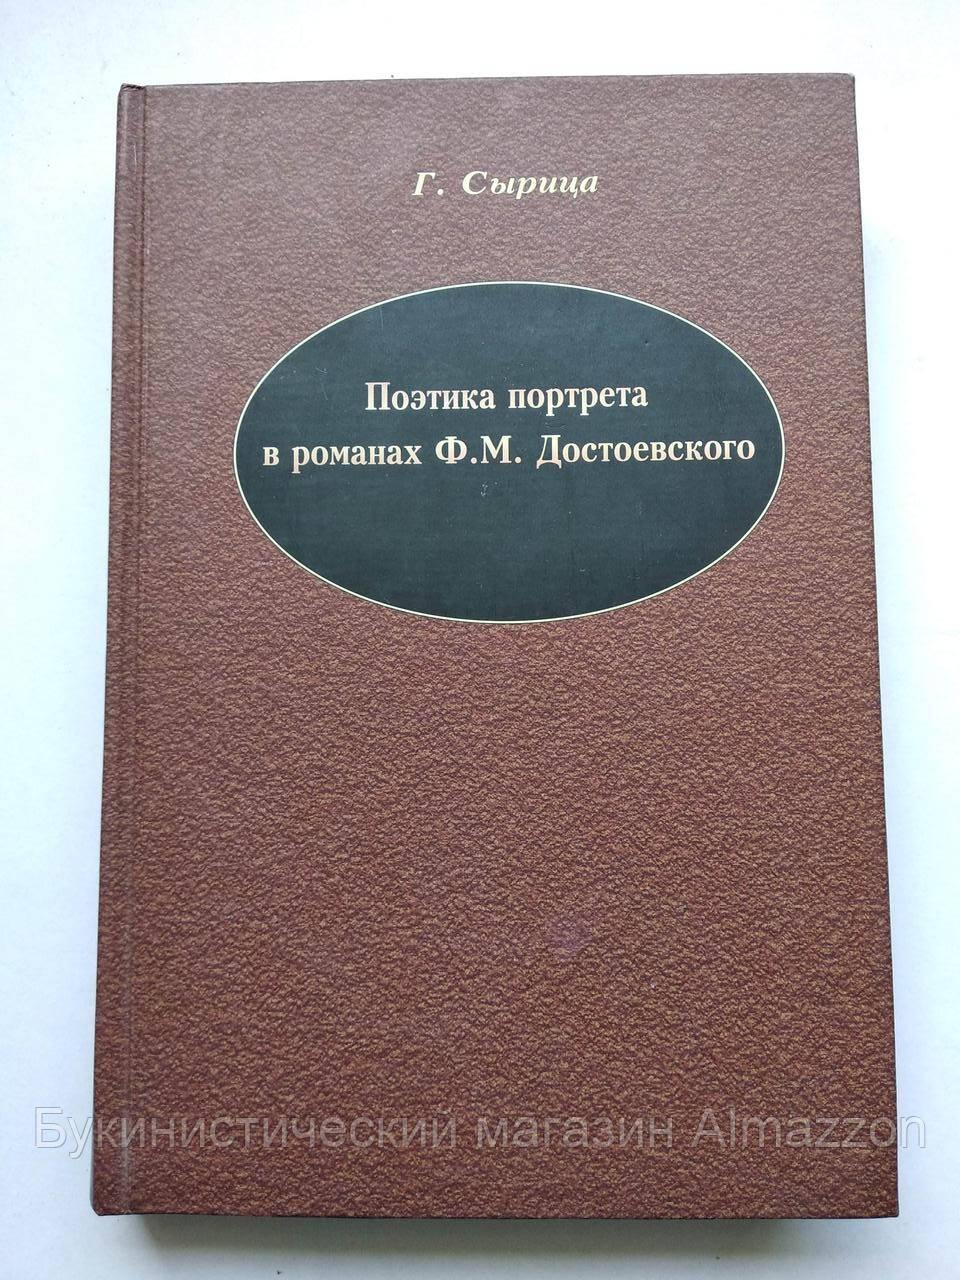 Поетика портрета в романах Ф. М. Достоєвського Р. Сириця